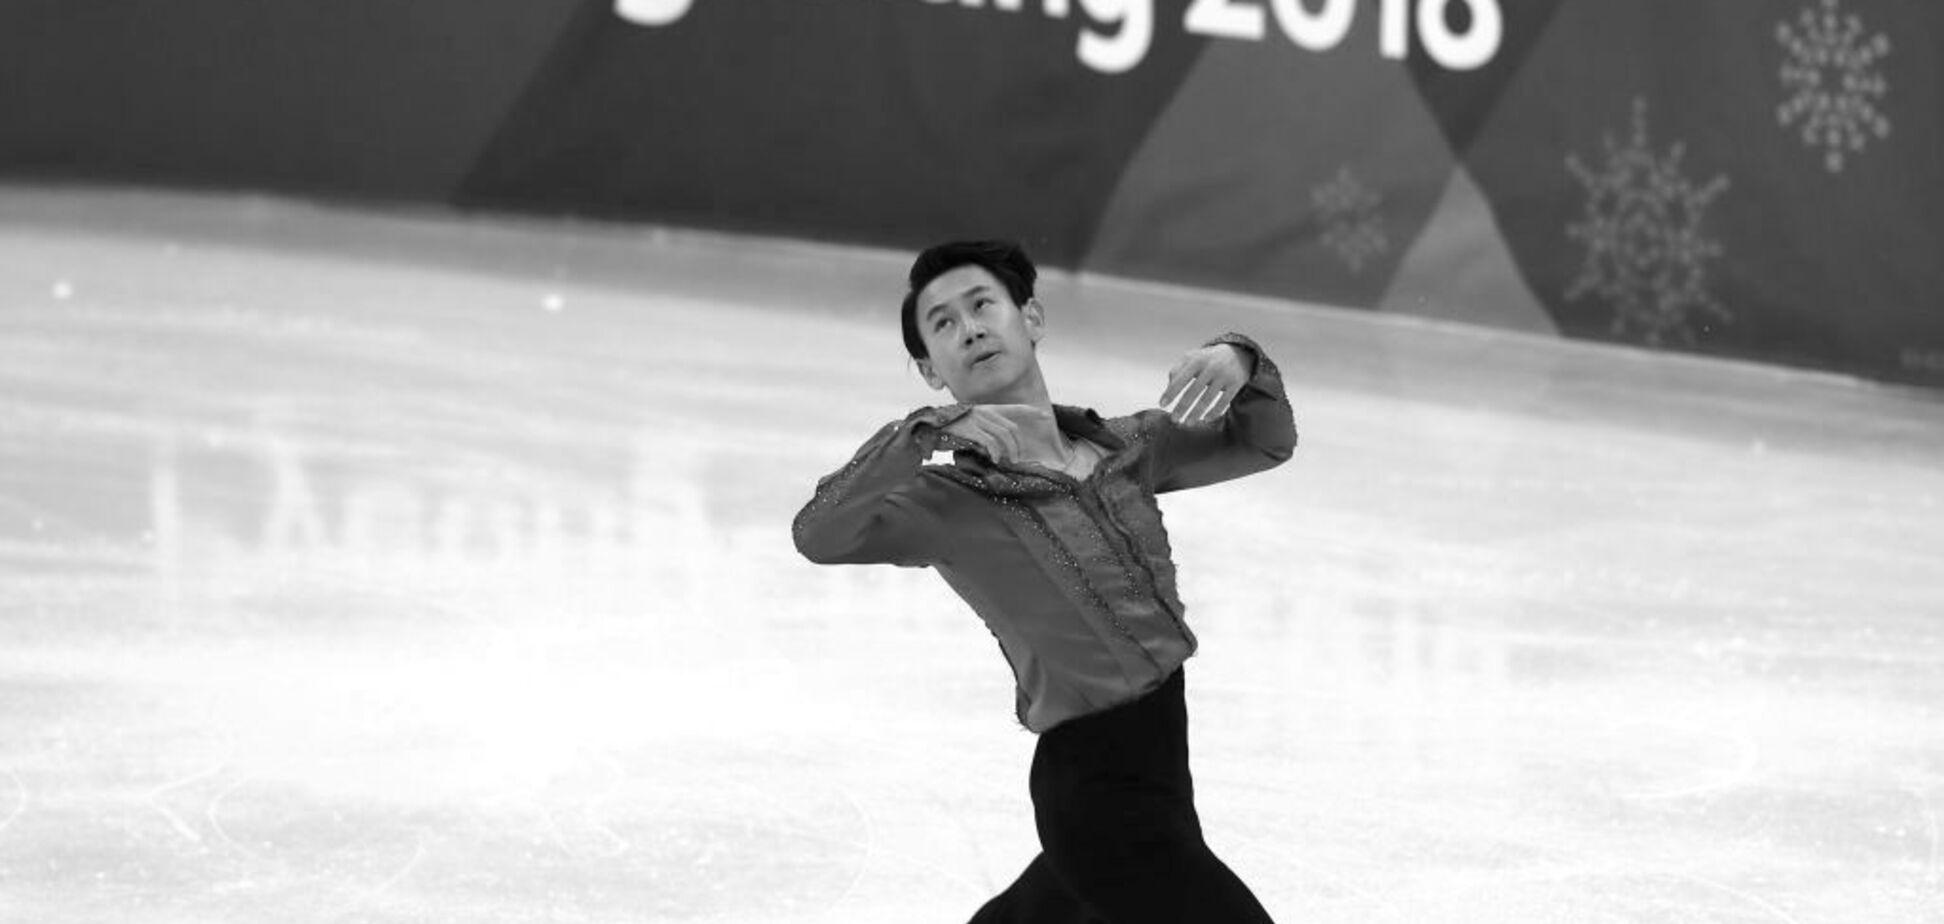 Потерял три литра крови: жестоко убит призер Олимпиады-2014 в Сочи